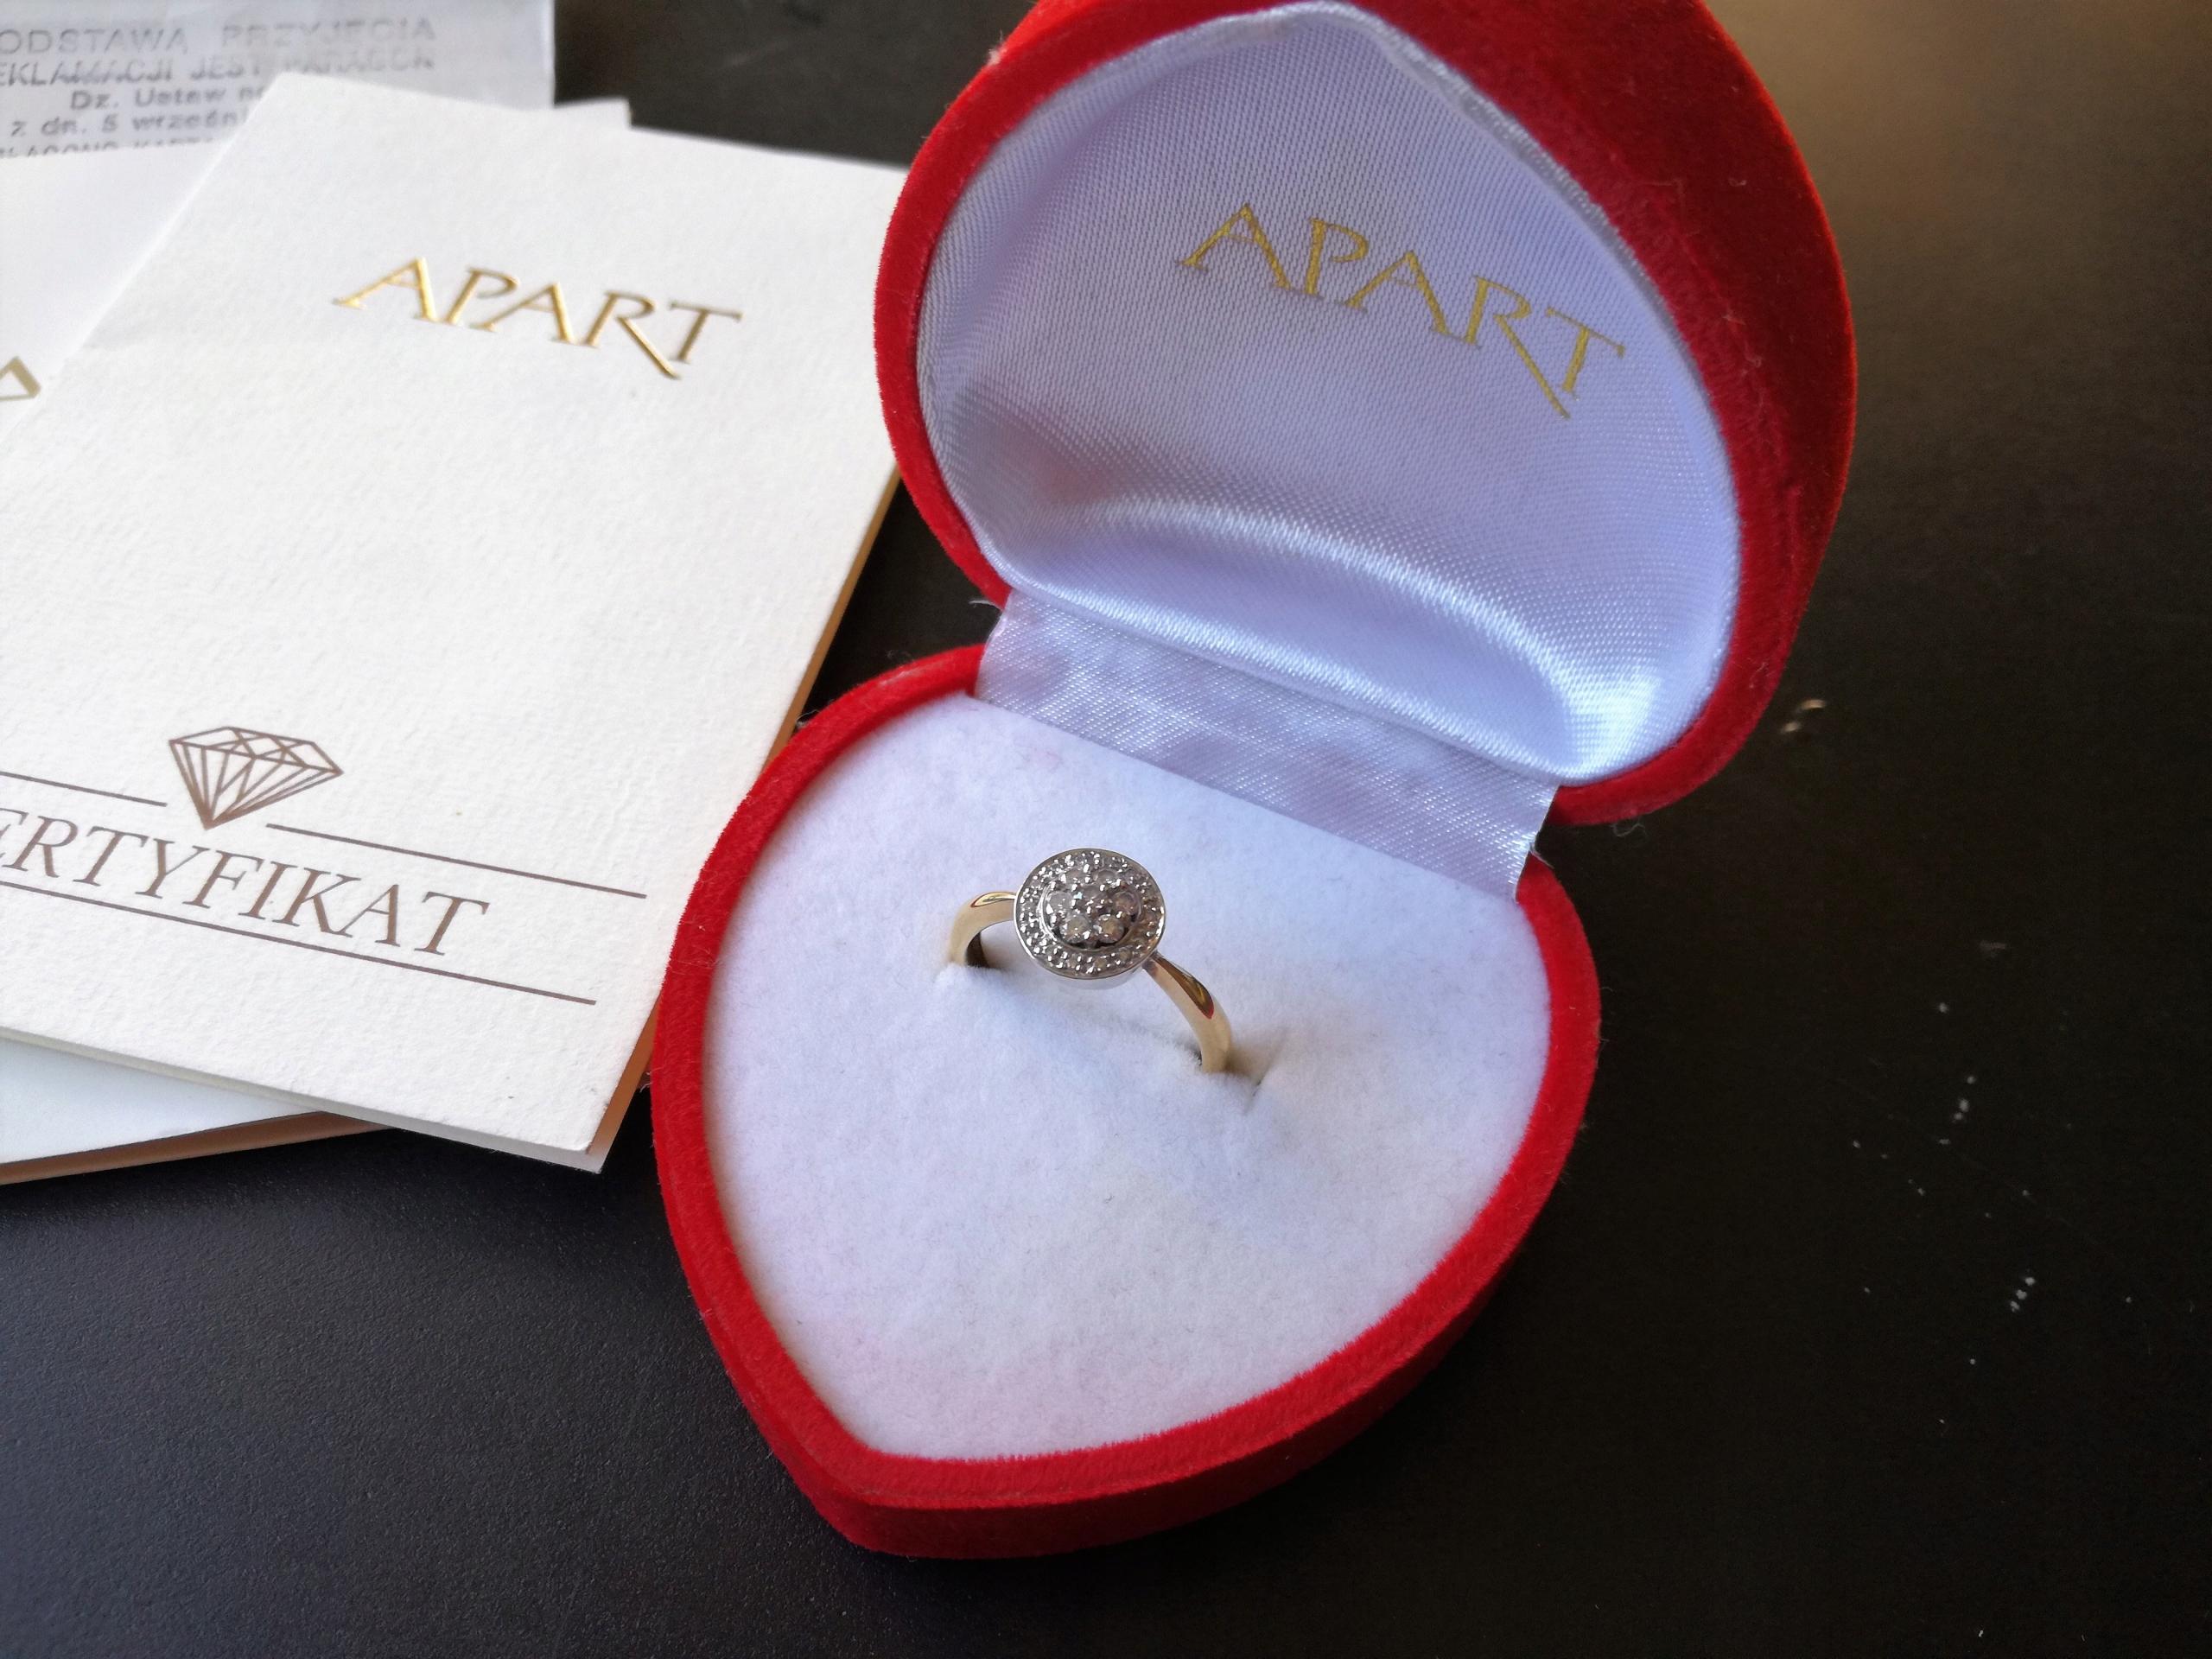 Wszystkie nowe Sprzedam pierścionek zaręczynowy Apart diamenty - 7498050906 KN74